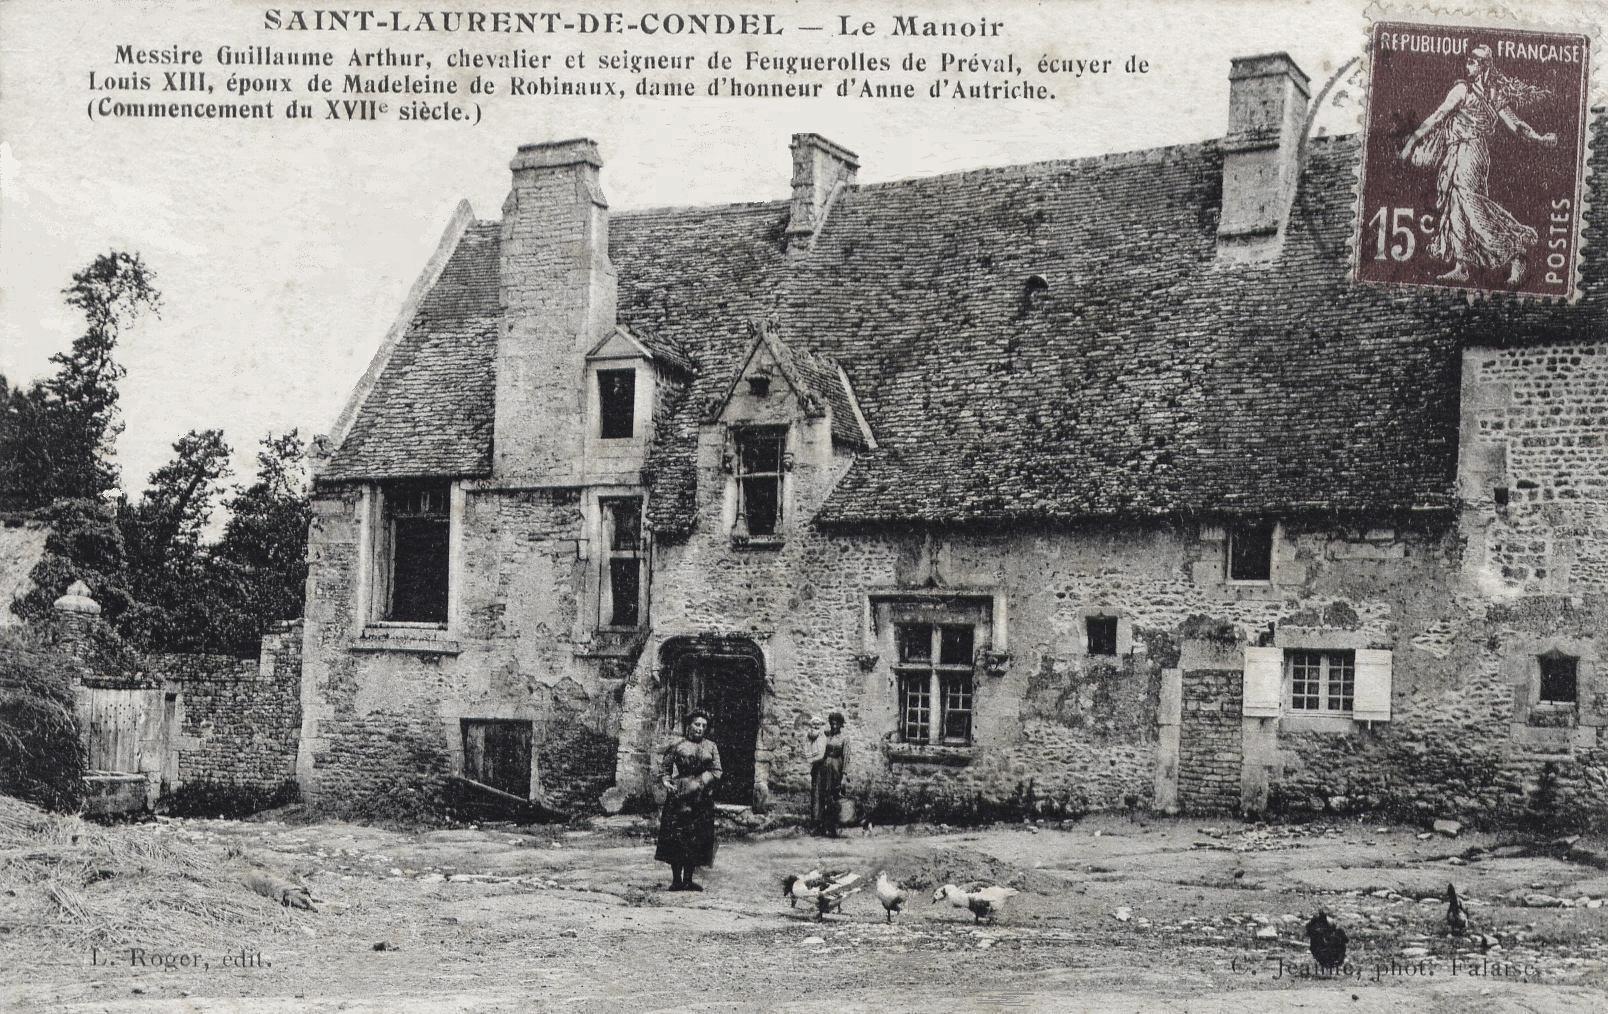 Histoire De Saint Laurent De Condel Par Pierre Fouillet